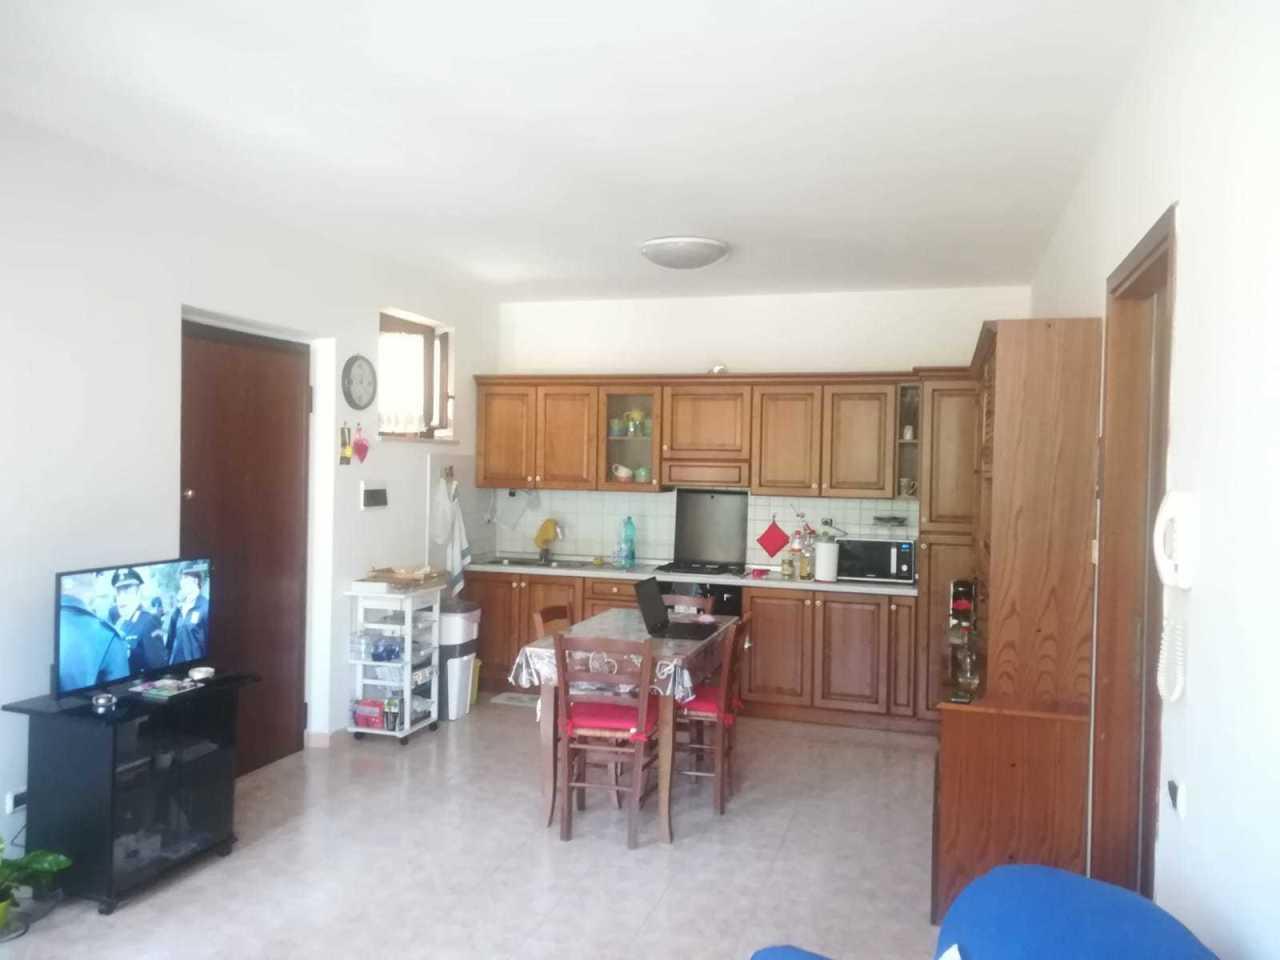 Appartamento in vendita a Amelia, 5 locali, prezzo € 90.000   PortaleAgenzieImmobiliari.it